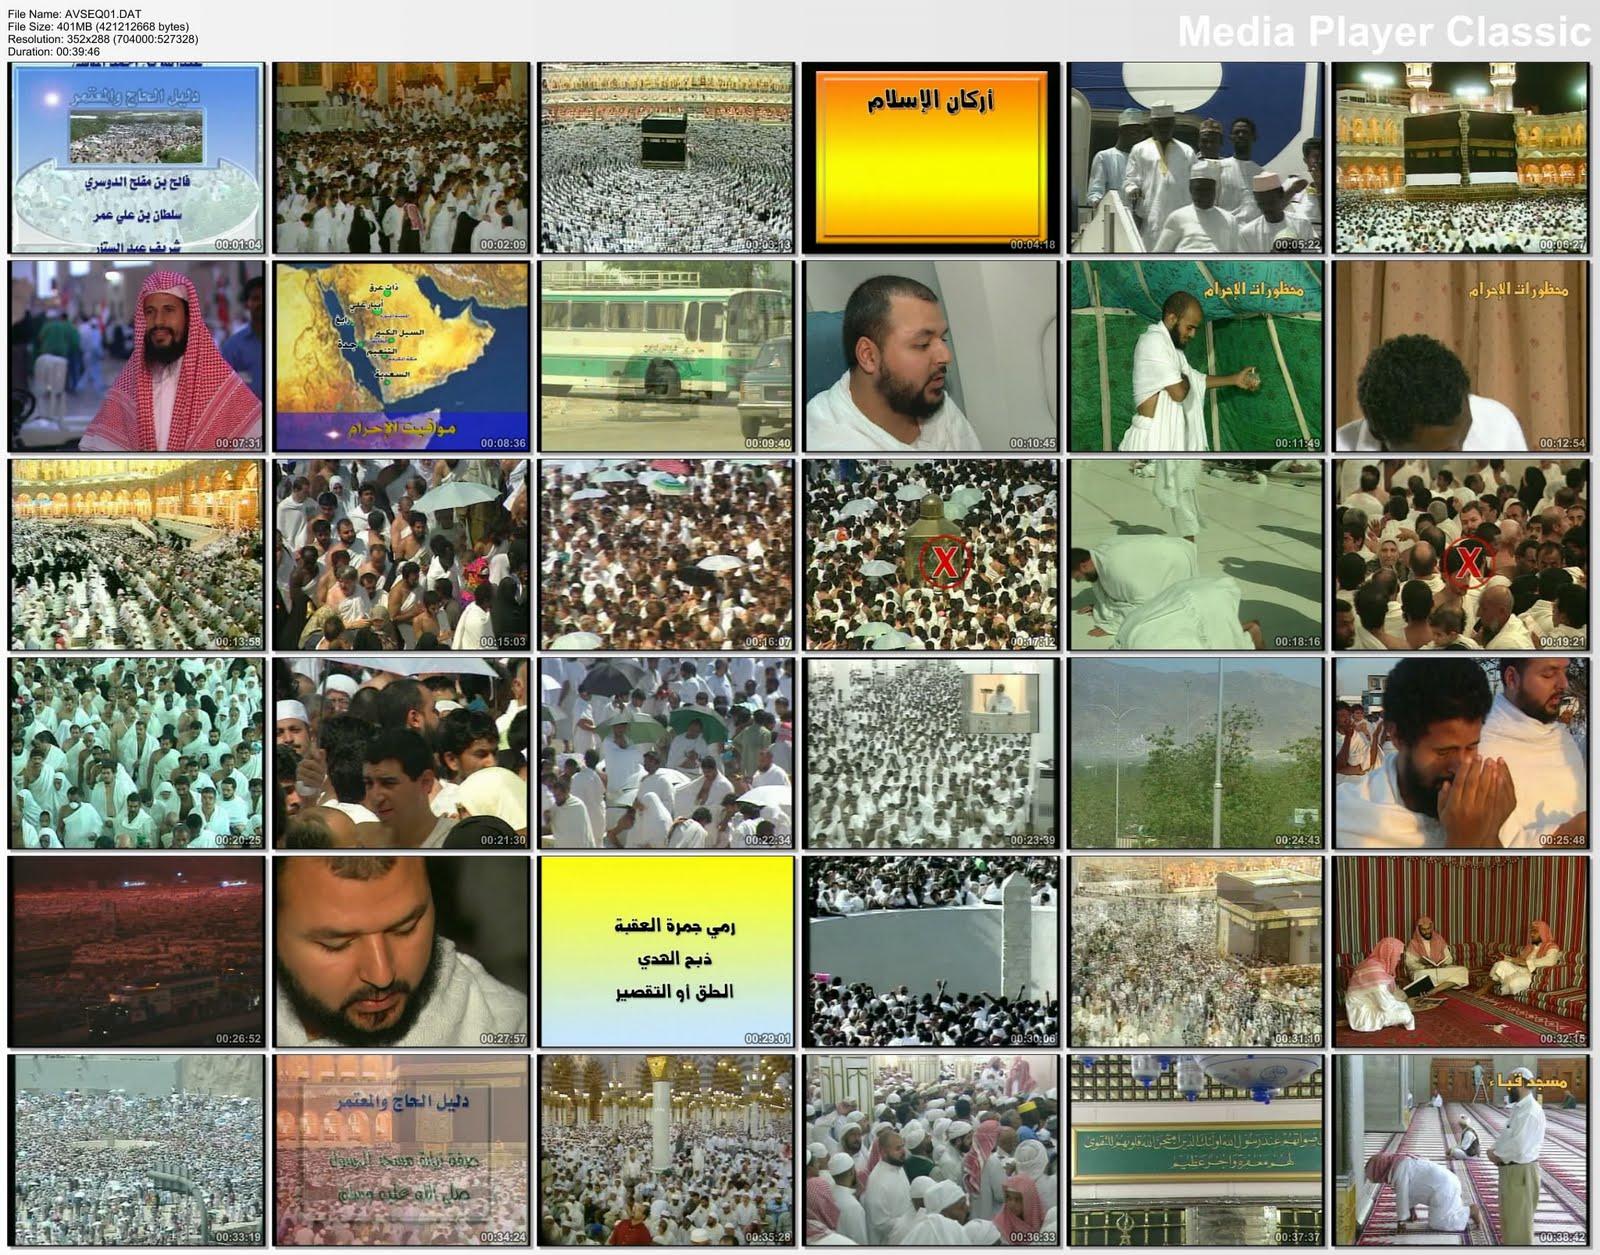 Hajj aur umrah kaise kare ka sahih tariqa click here to for Decoration kaise kare